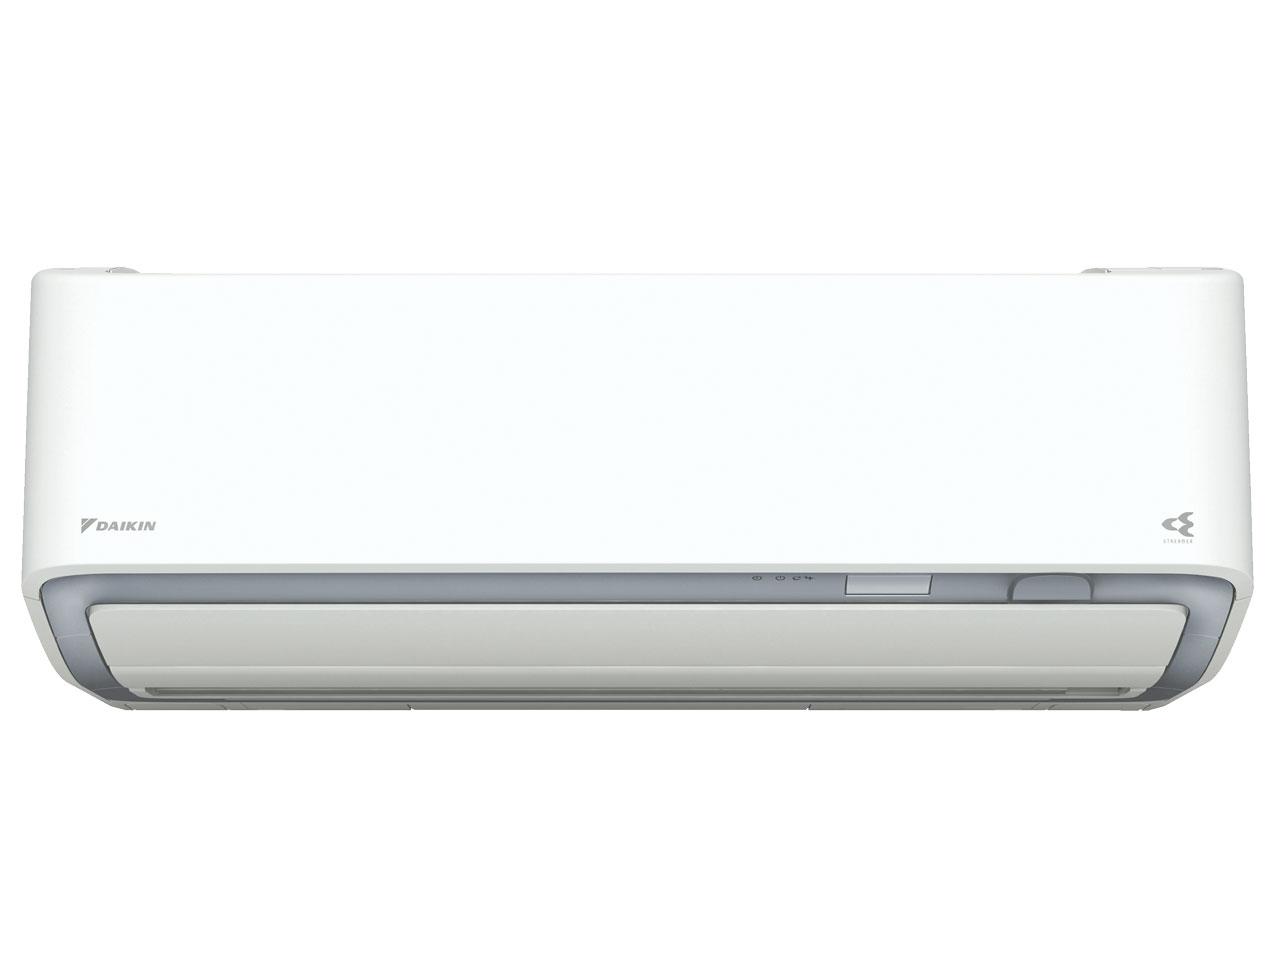 ダイキン 19年モデル AXシリーズ S71WTAXP-W 【200V用】23畳用冷暖房除湿エアコン